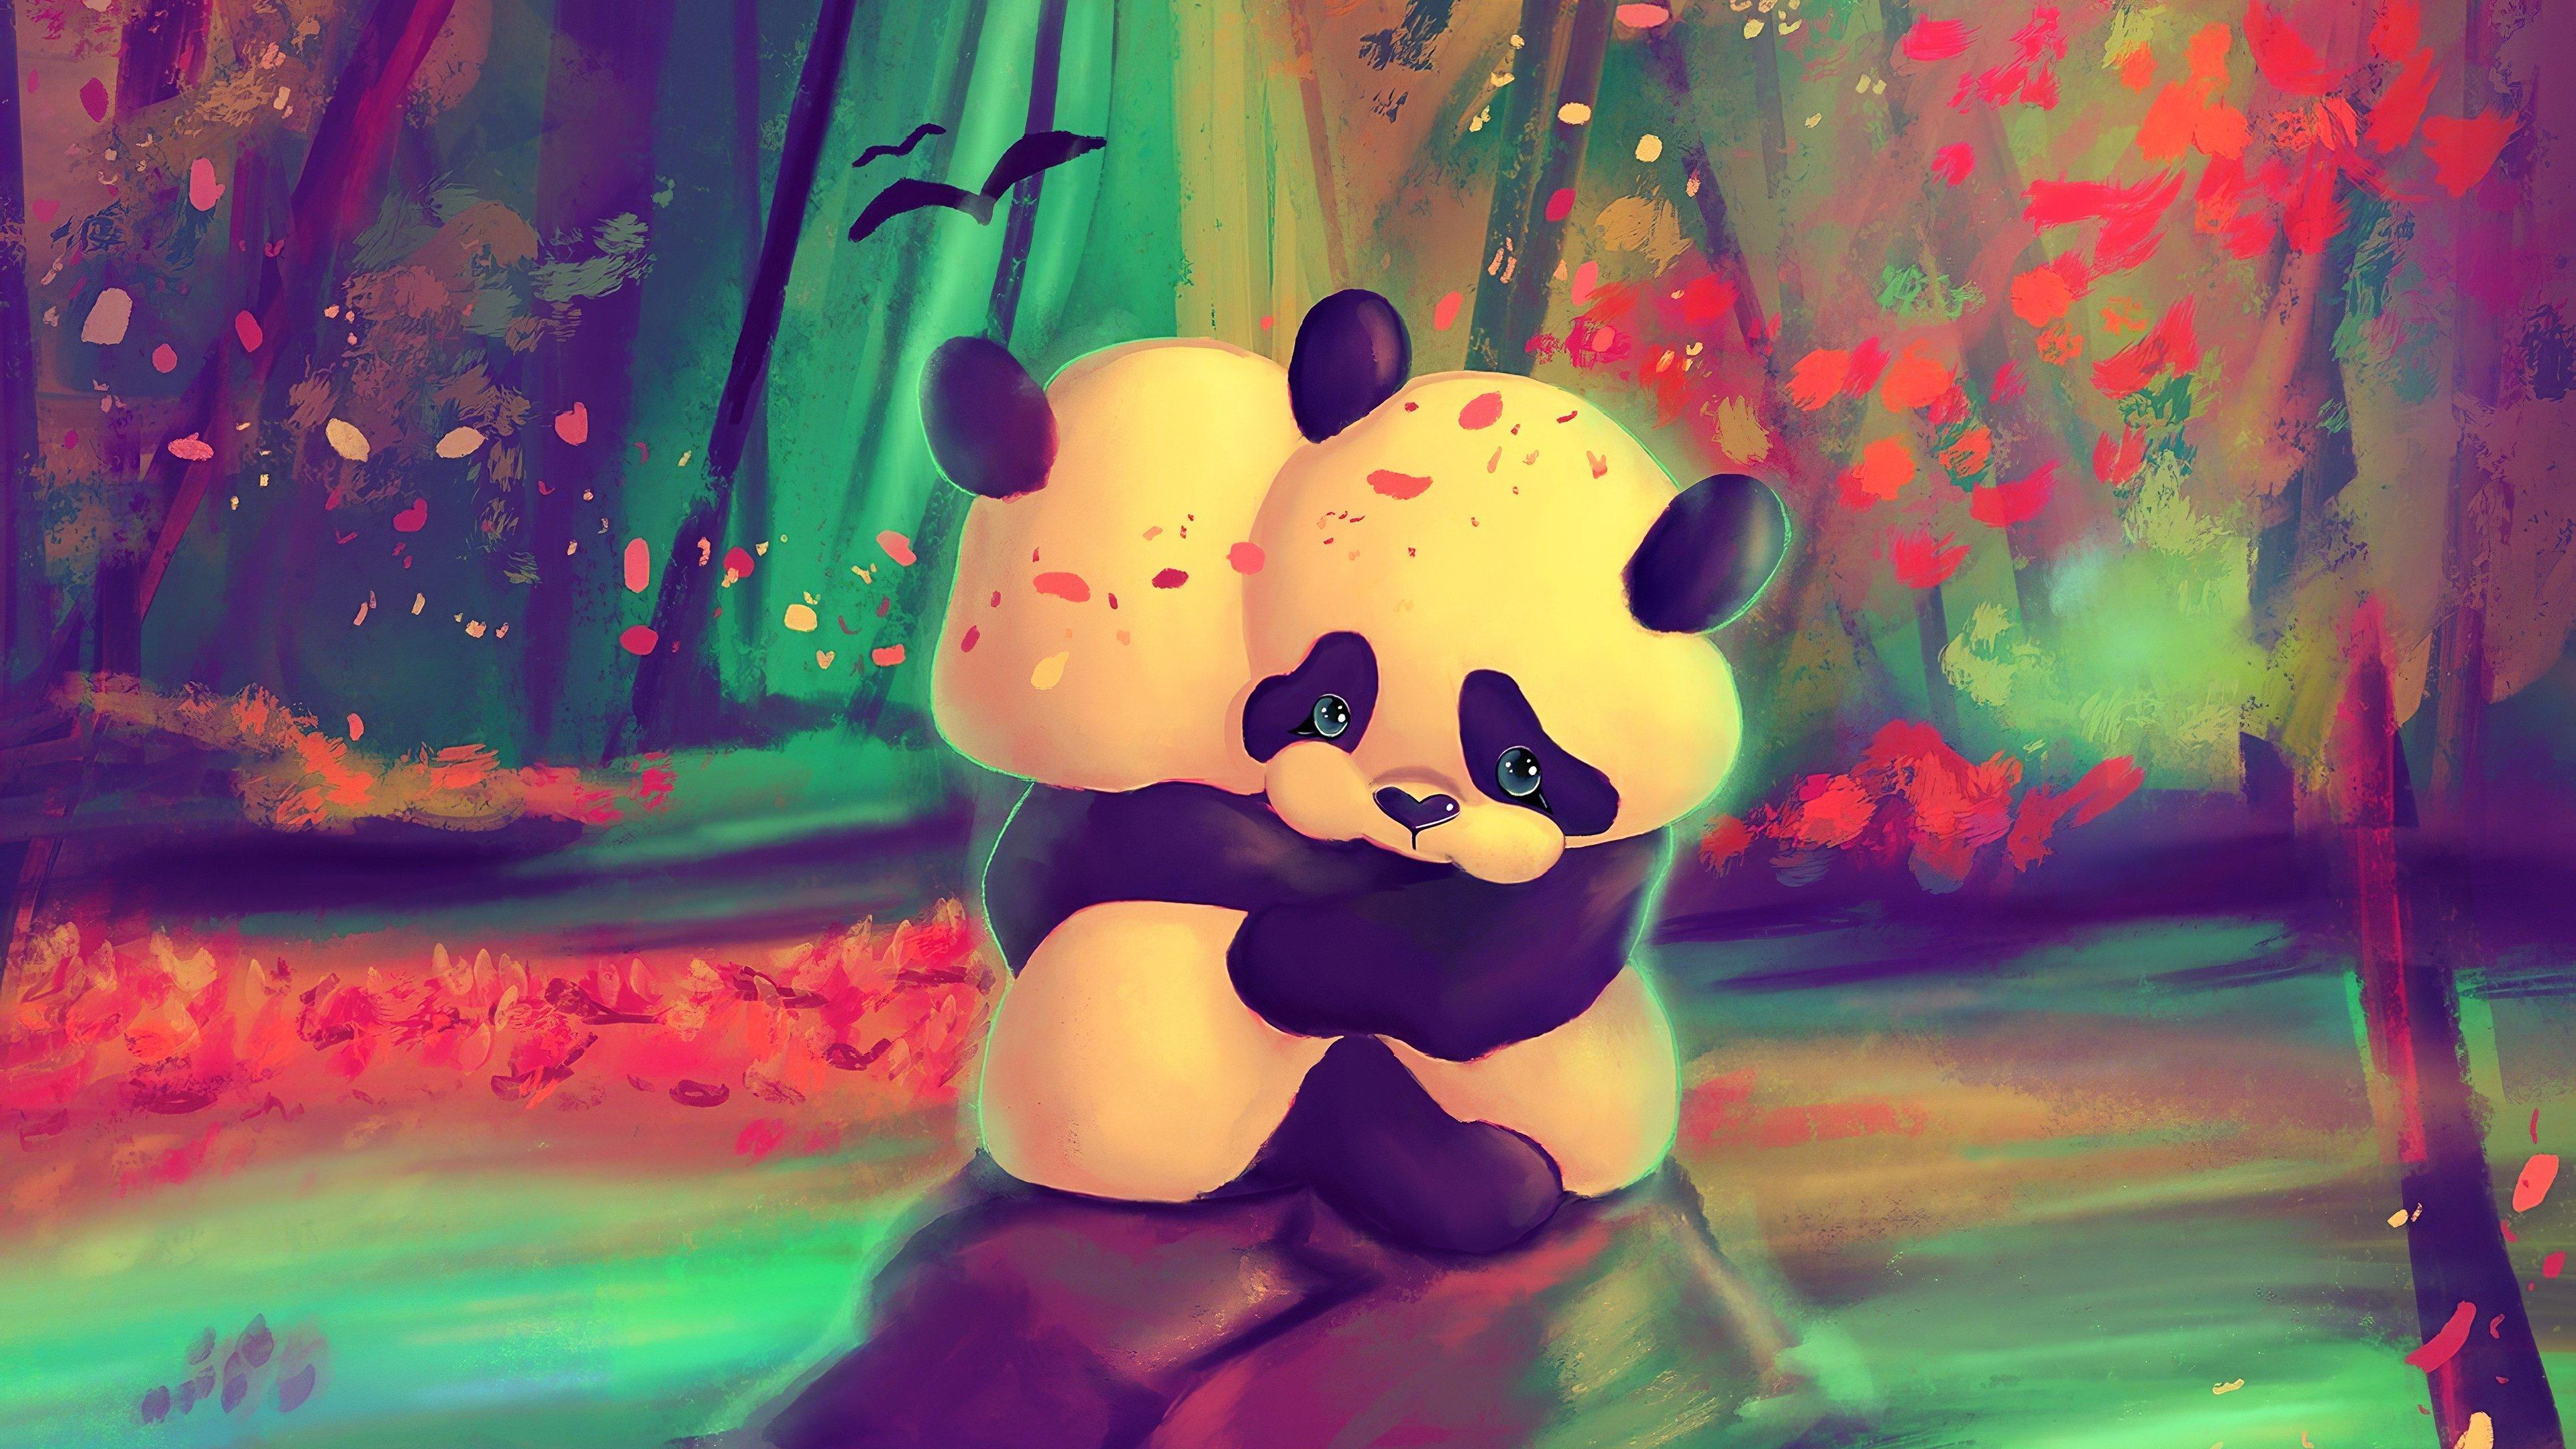 Fondos de pantalla Pandas abrazados